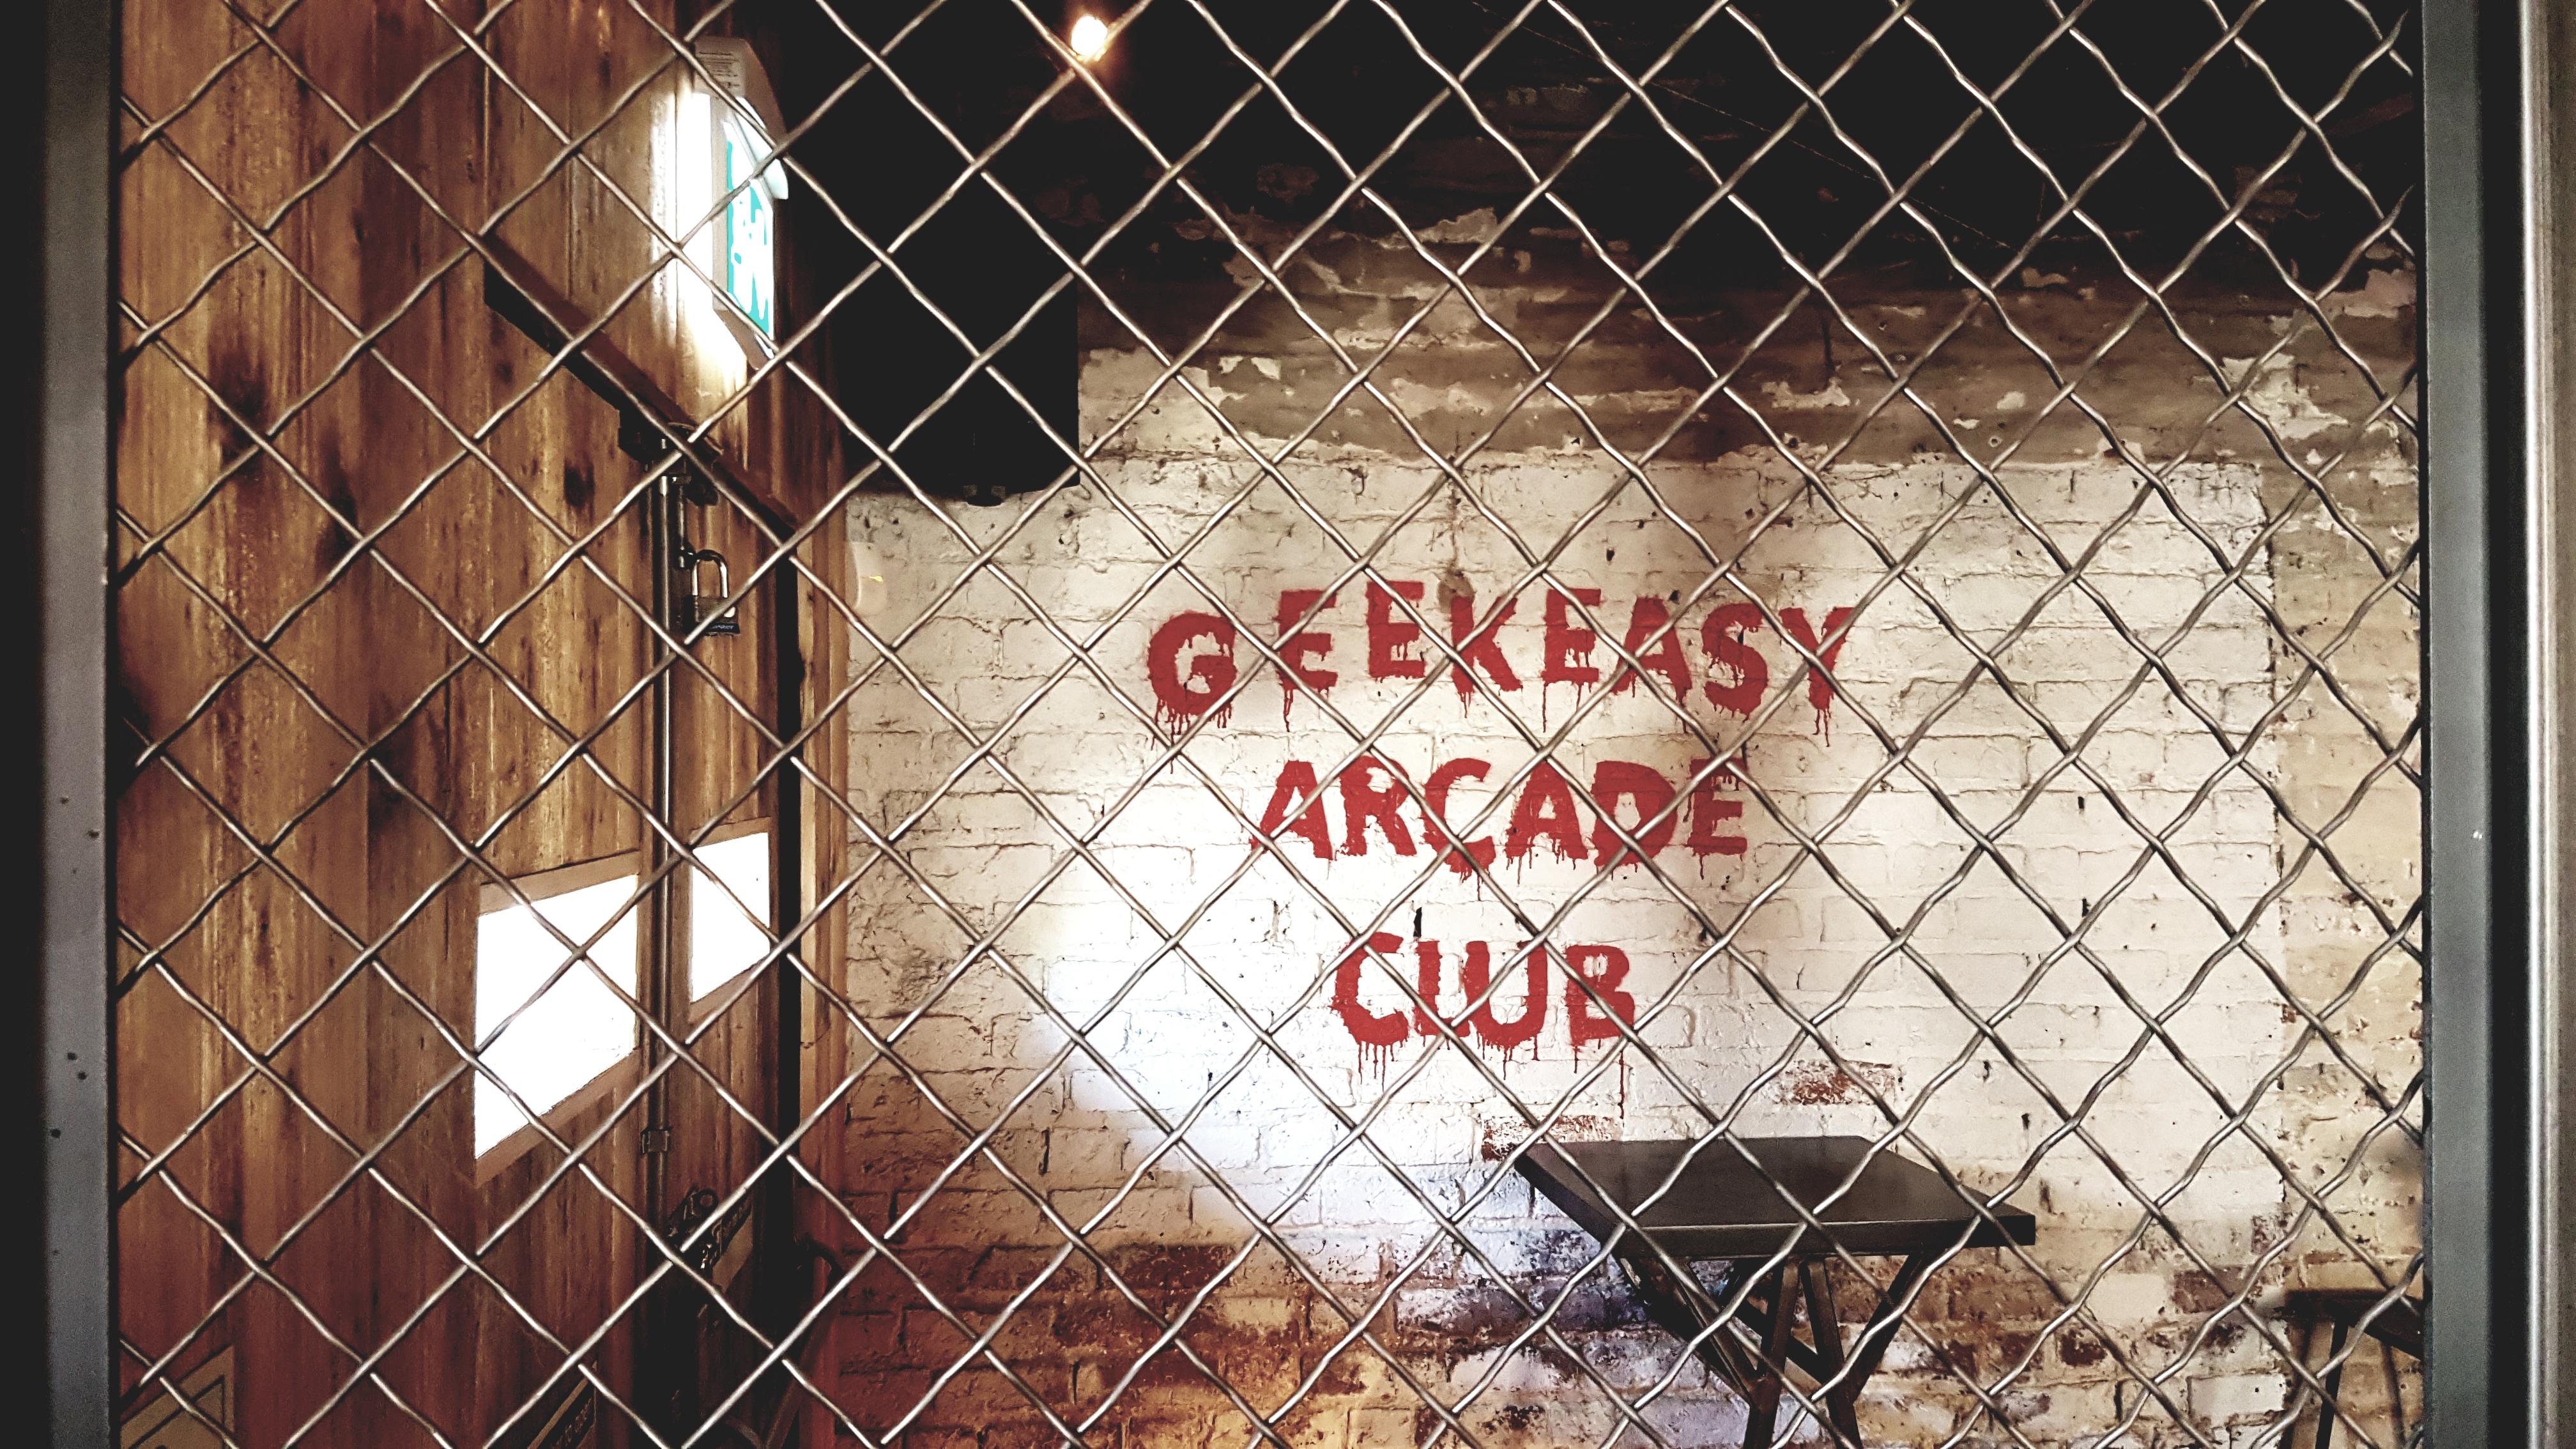 Cuckoo Belfast